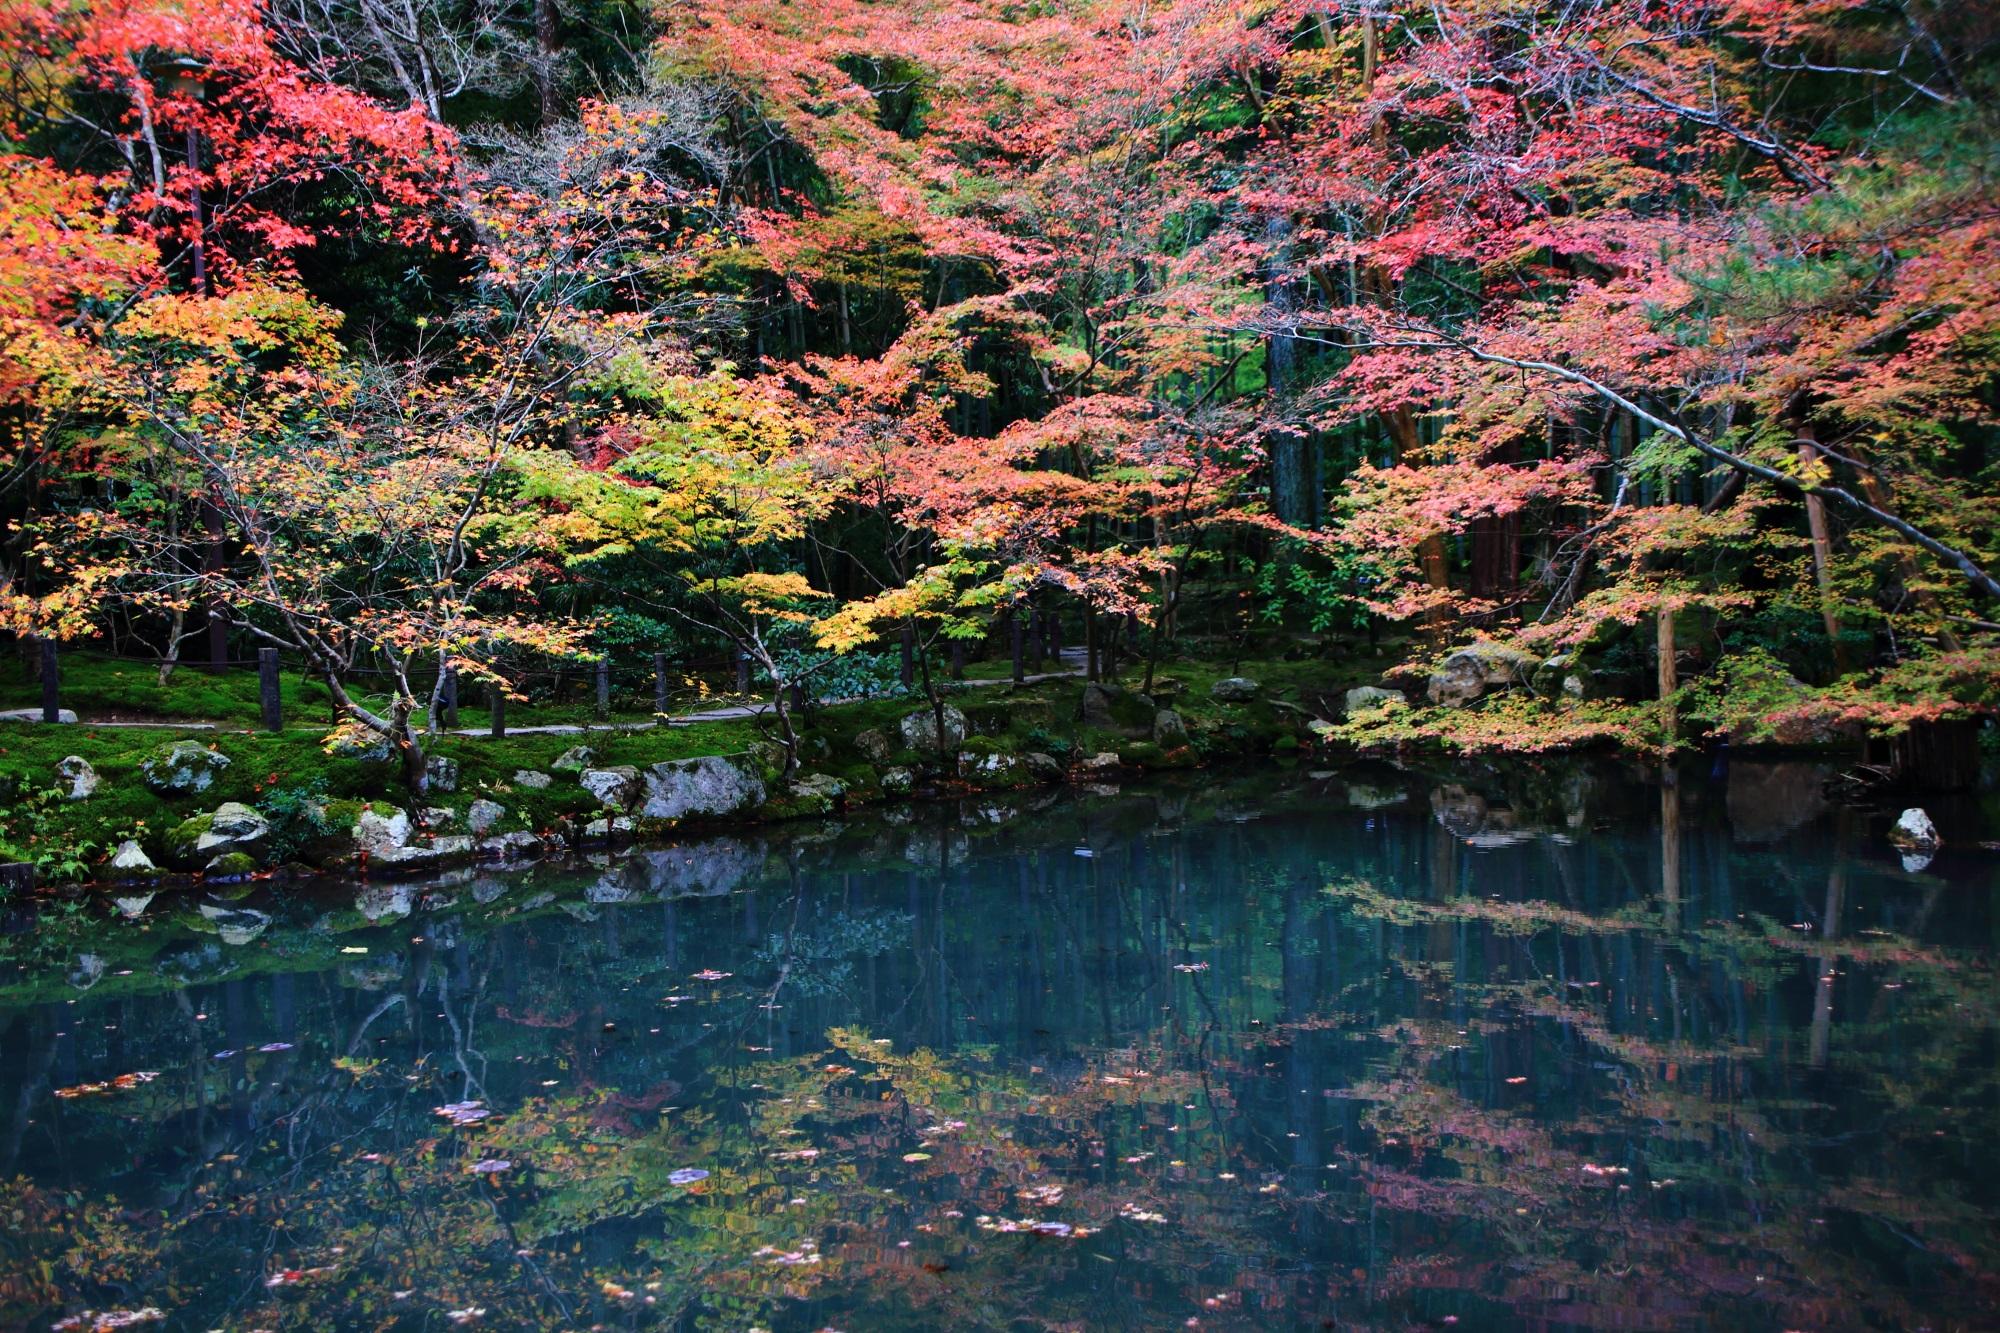 天授庵のこの年特有のグラデーション紅葉と秋の情景